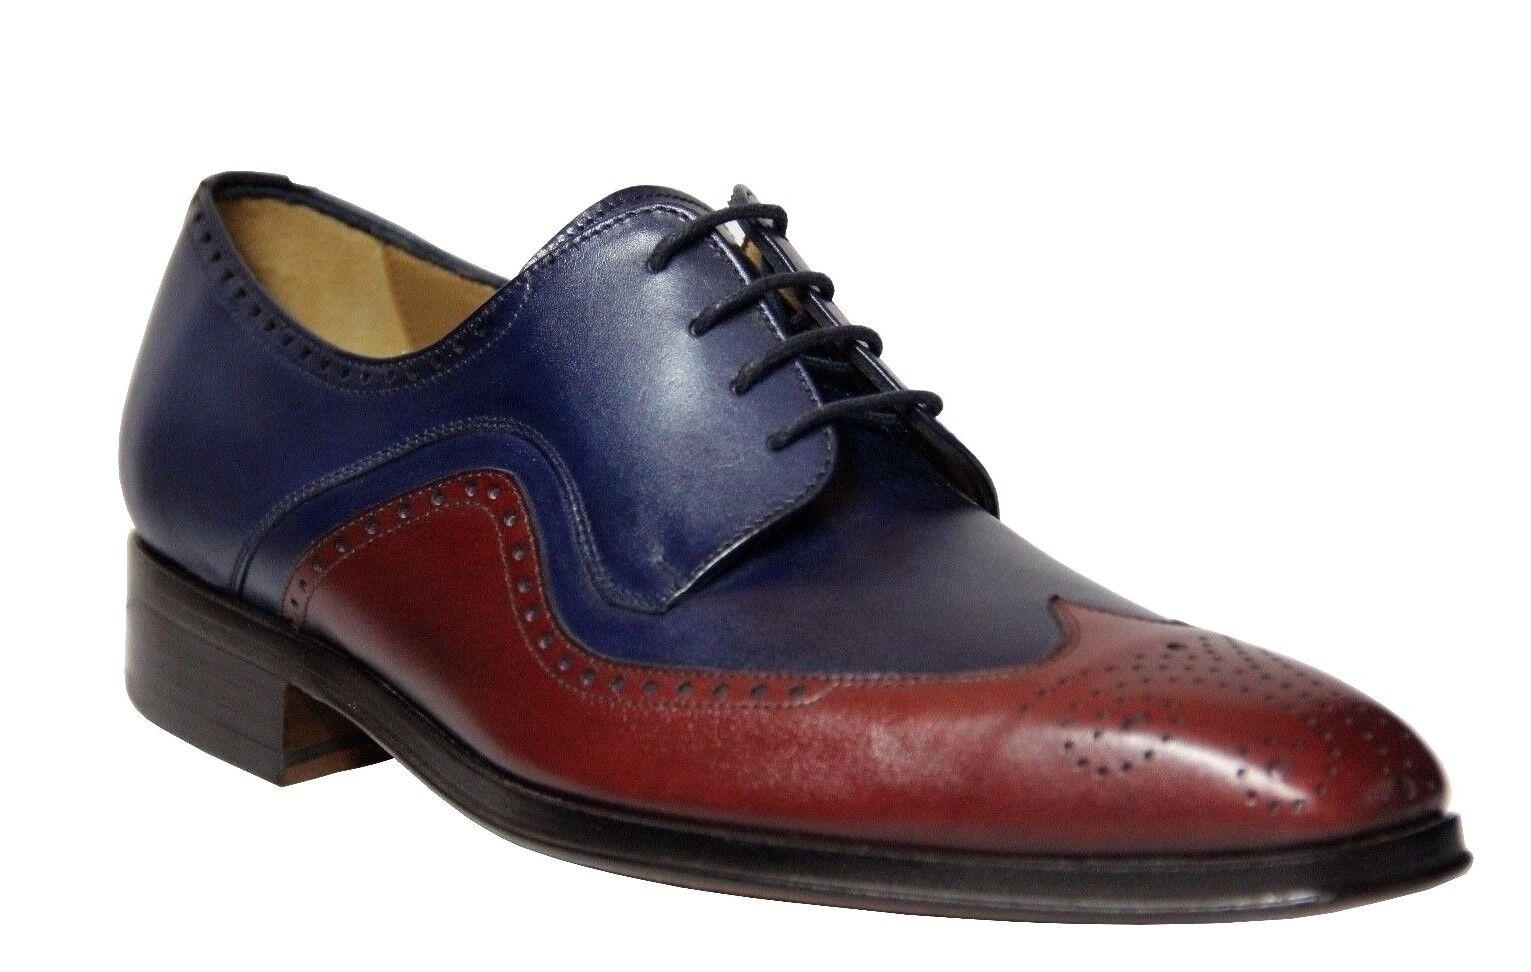 fino al 60% di sconto Mister Uomo Oxford Navy Wine Leather Dress scarpe 35651 Made Made Made In Spain  negozio di sconto